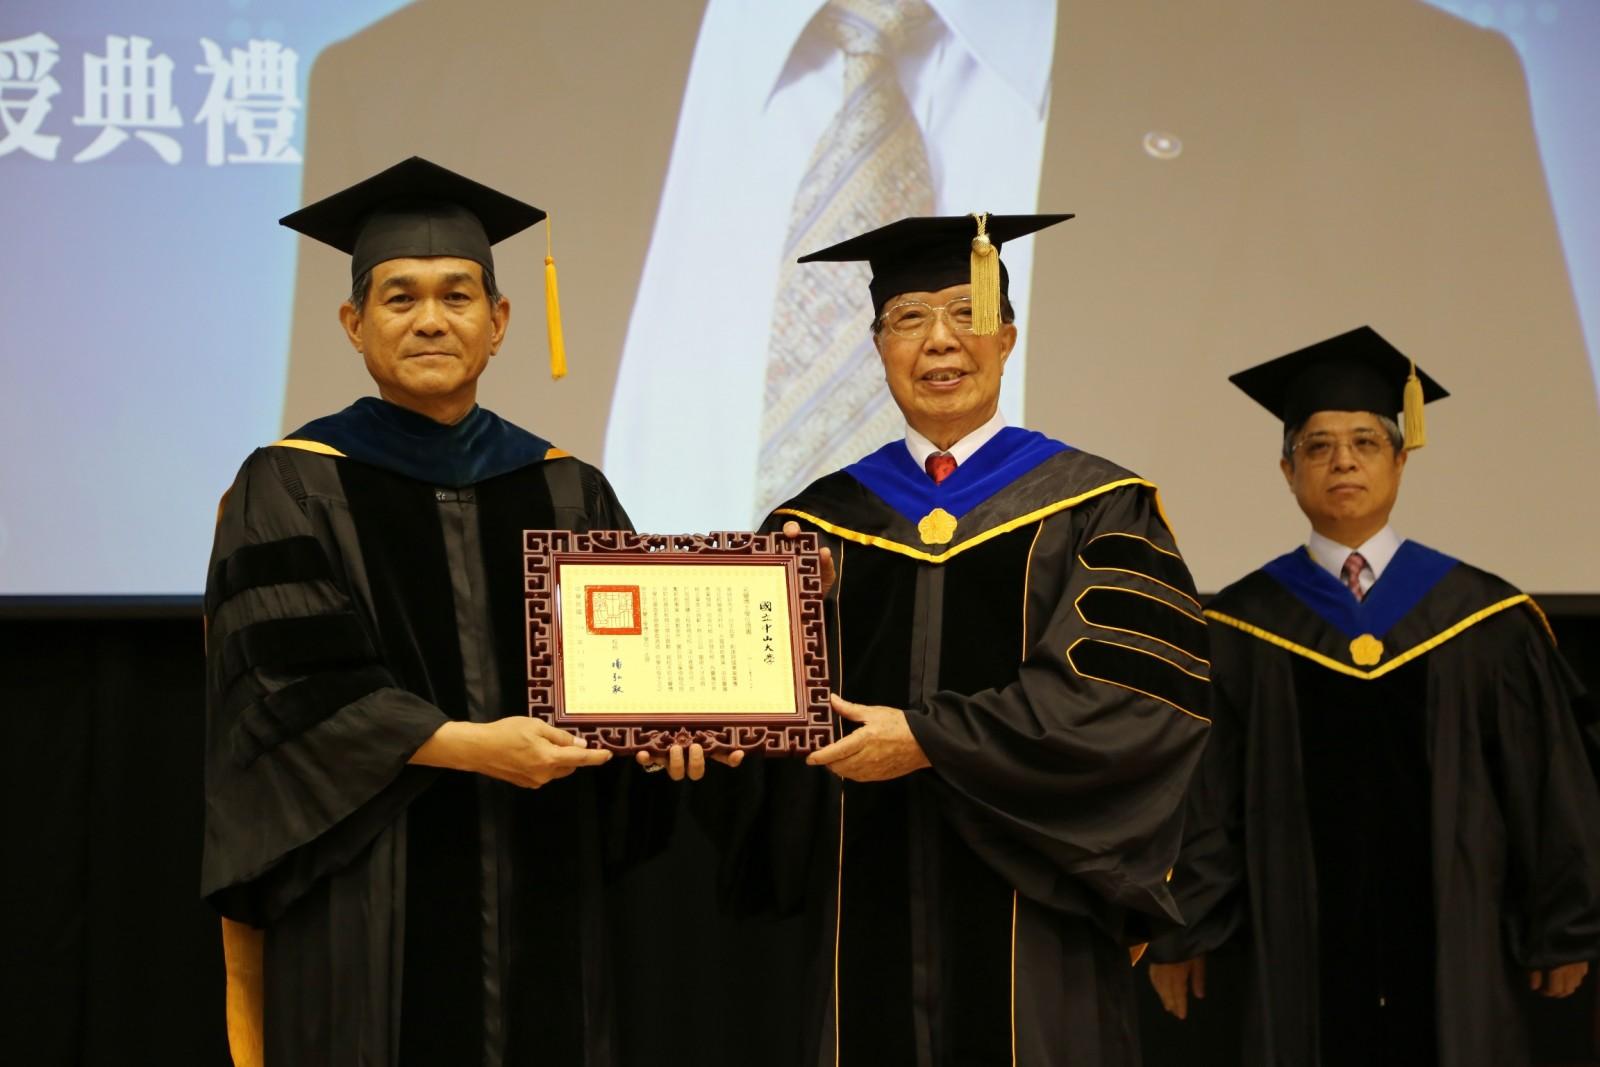 40年深耕高階化材 80歲張瑞欽獲中山名譽工學博士